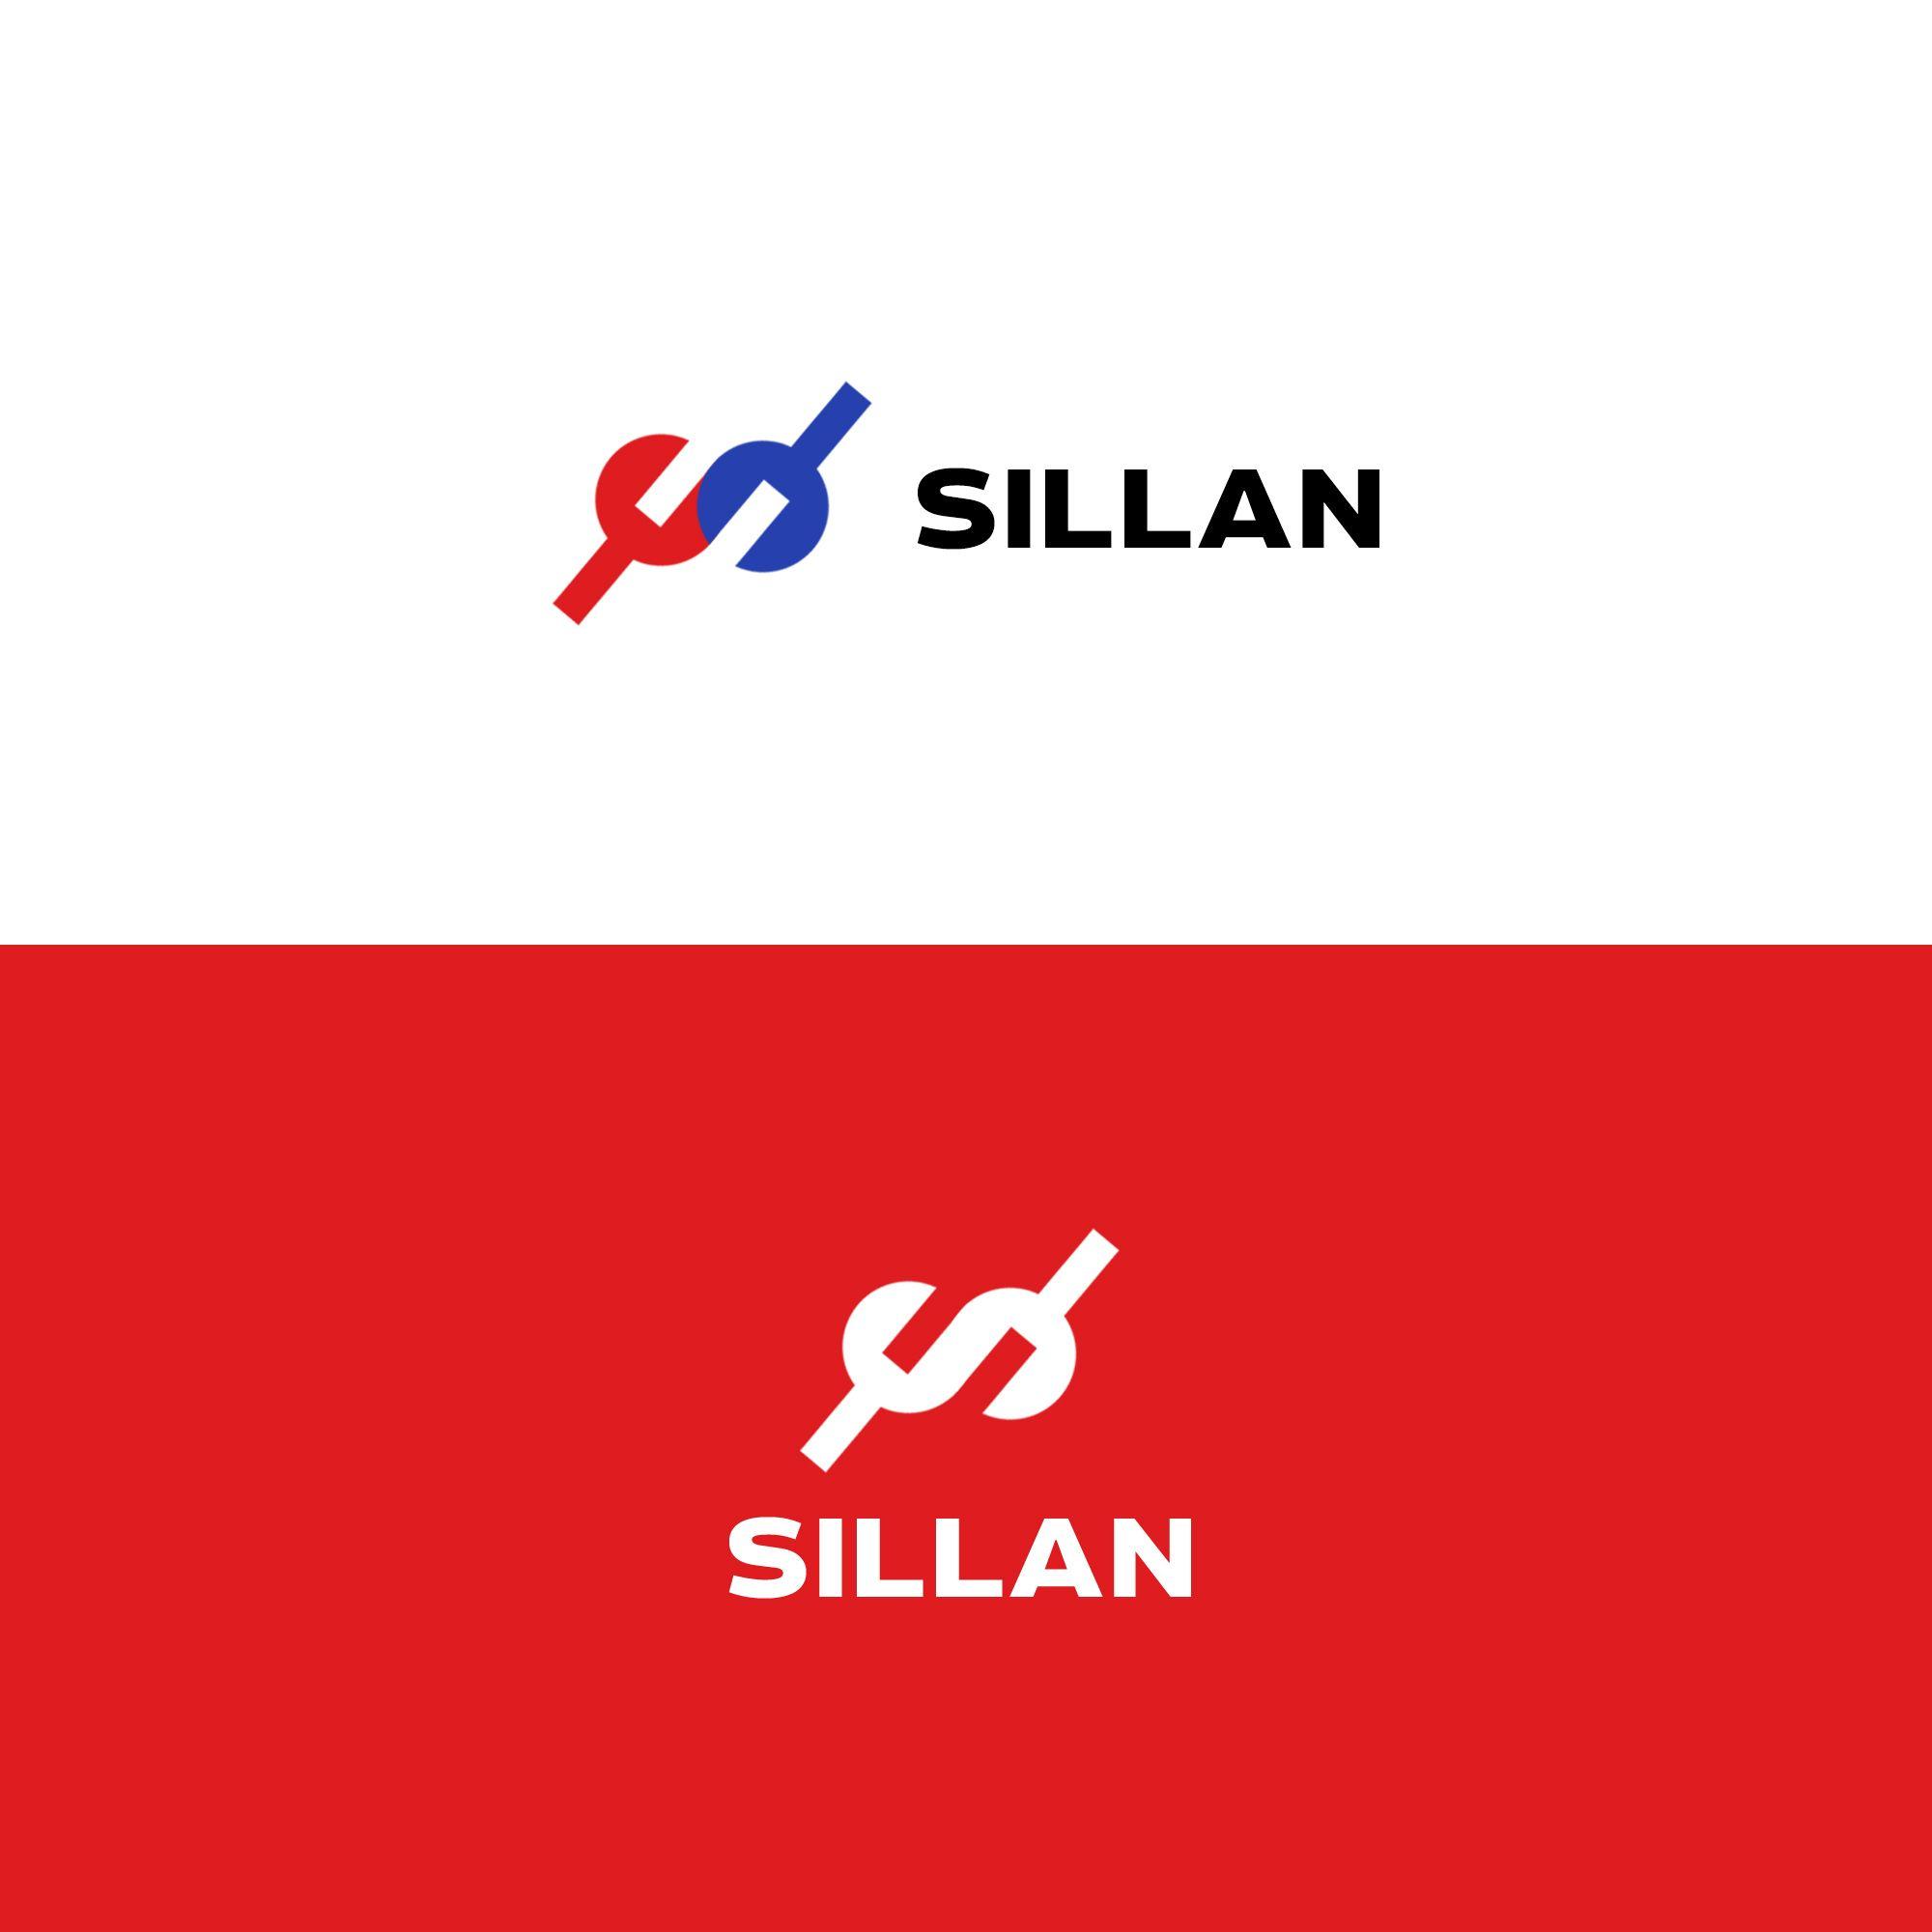 Логотип для Sillan - дизайнер weste32